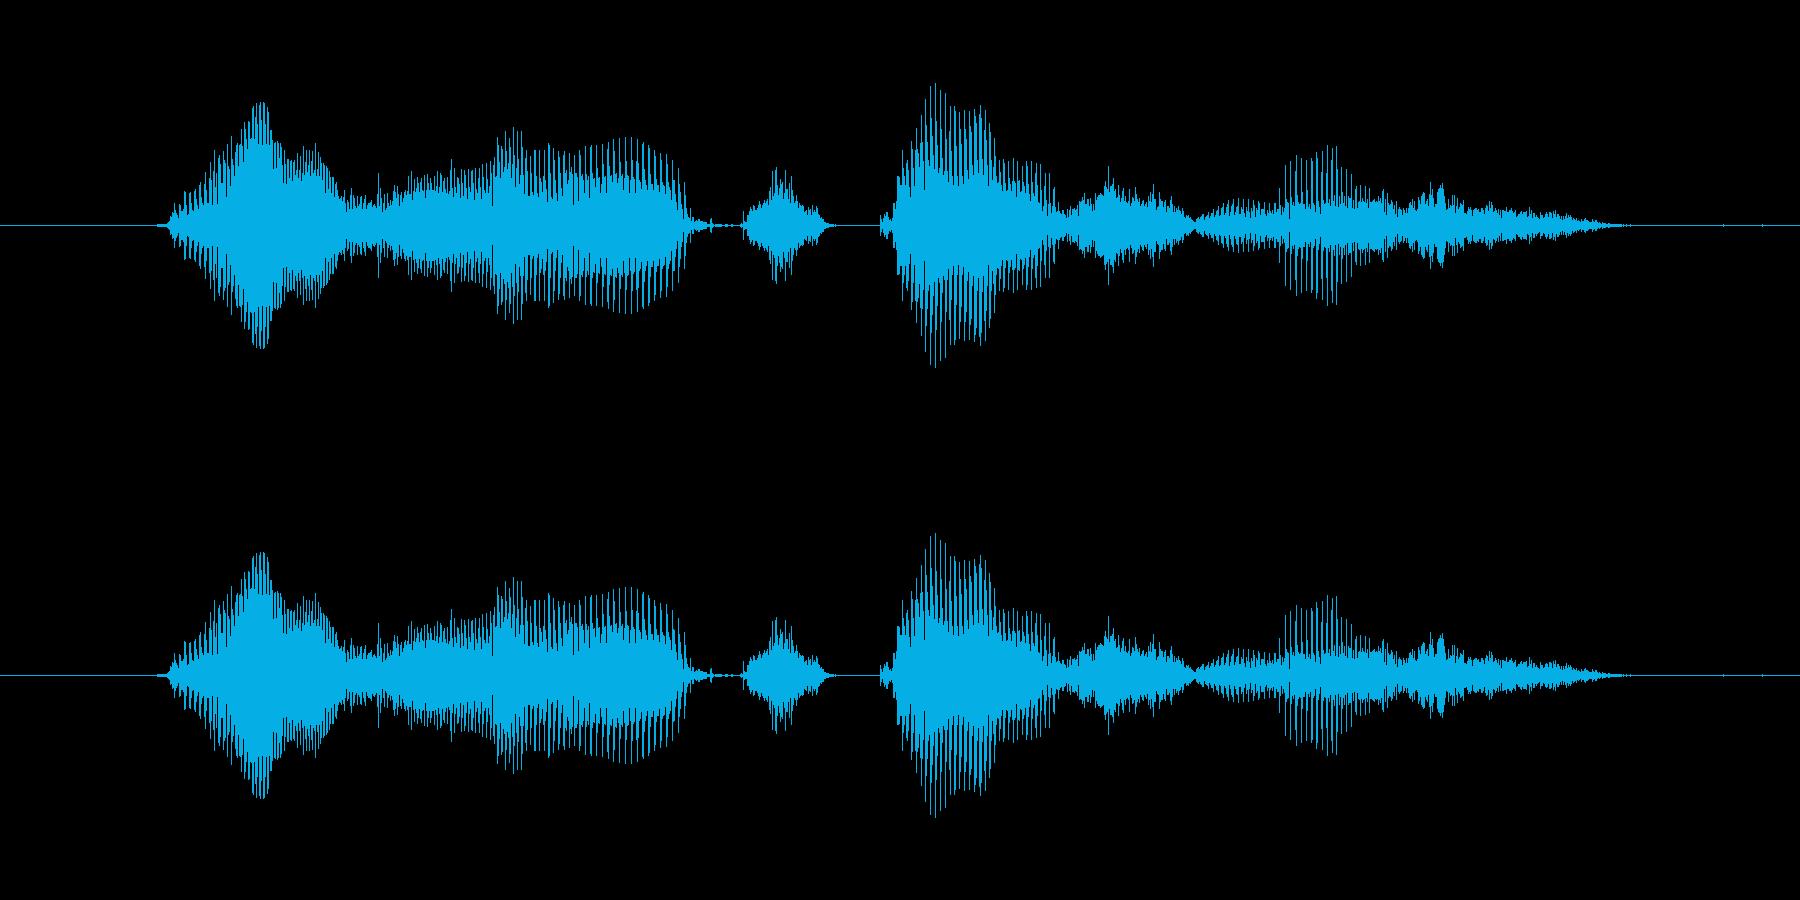 【時報・時間】4時をお伝えしますの再生済みの波形